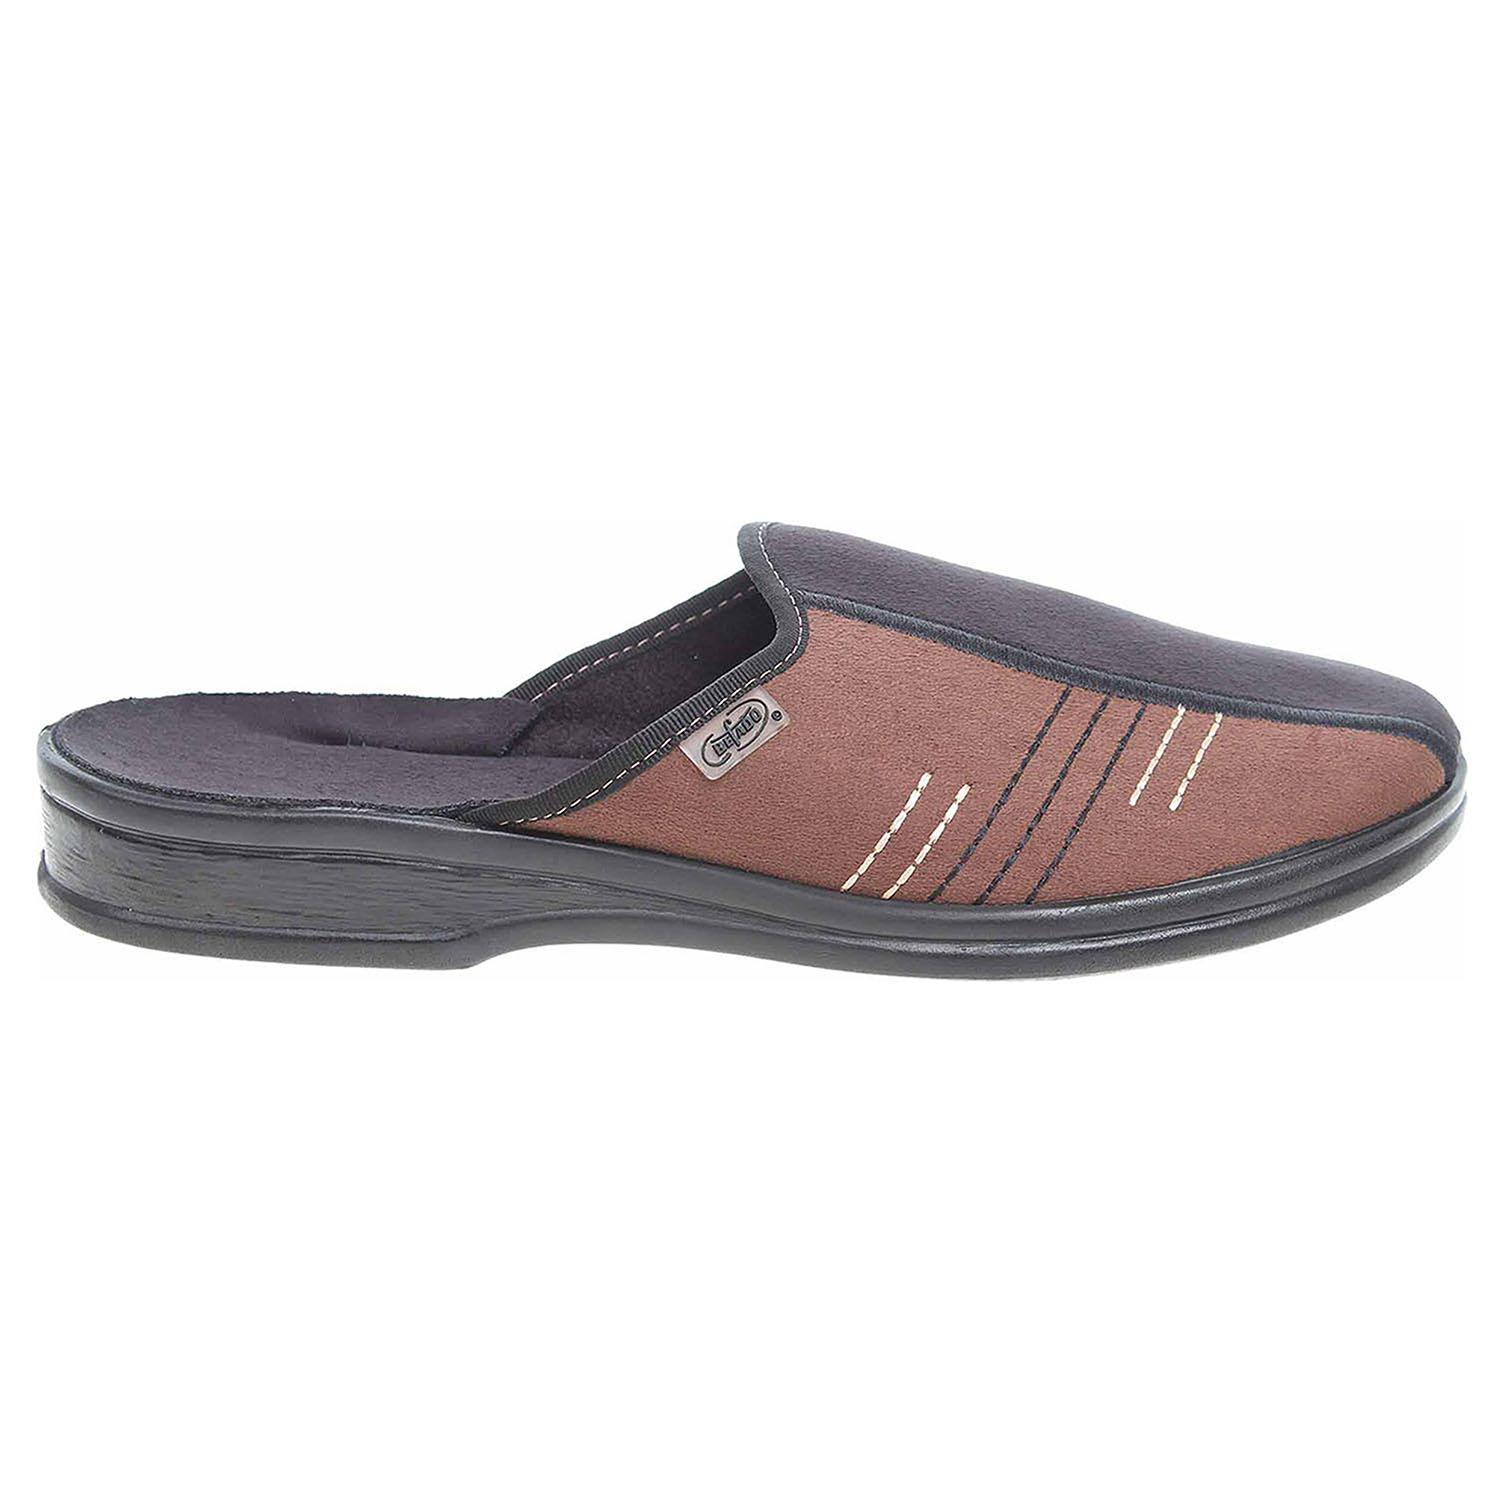 Befado pánské domácí pantofle 093M018 černá-hnědá 093M018 41